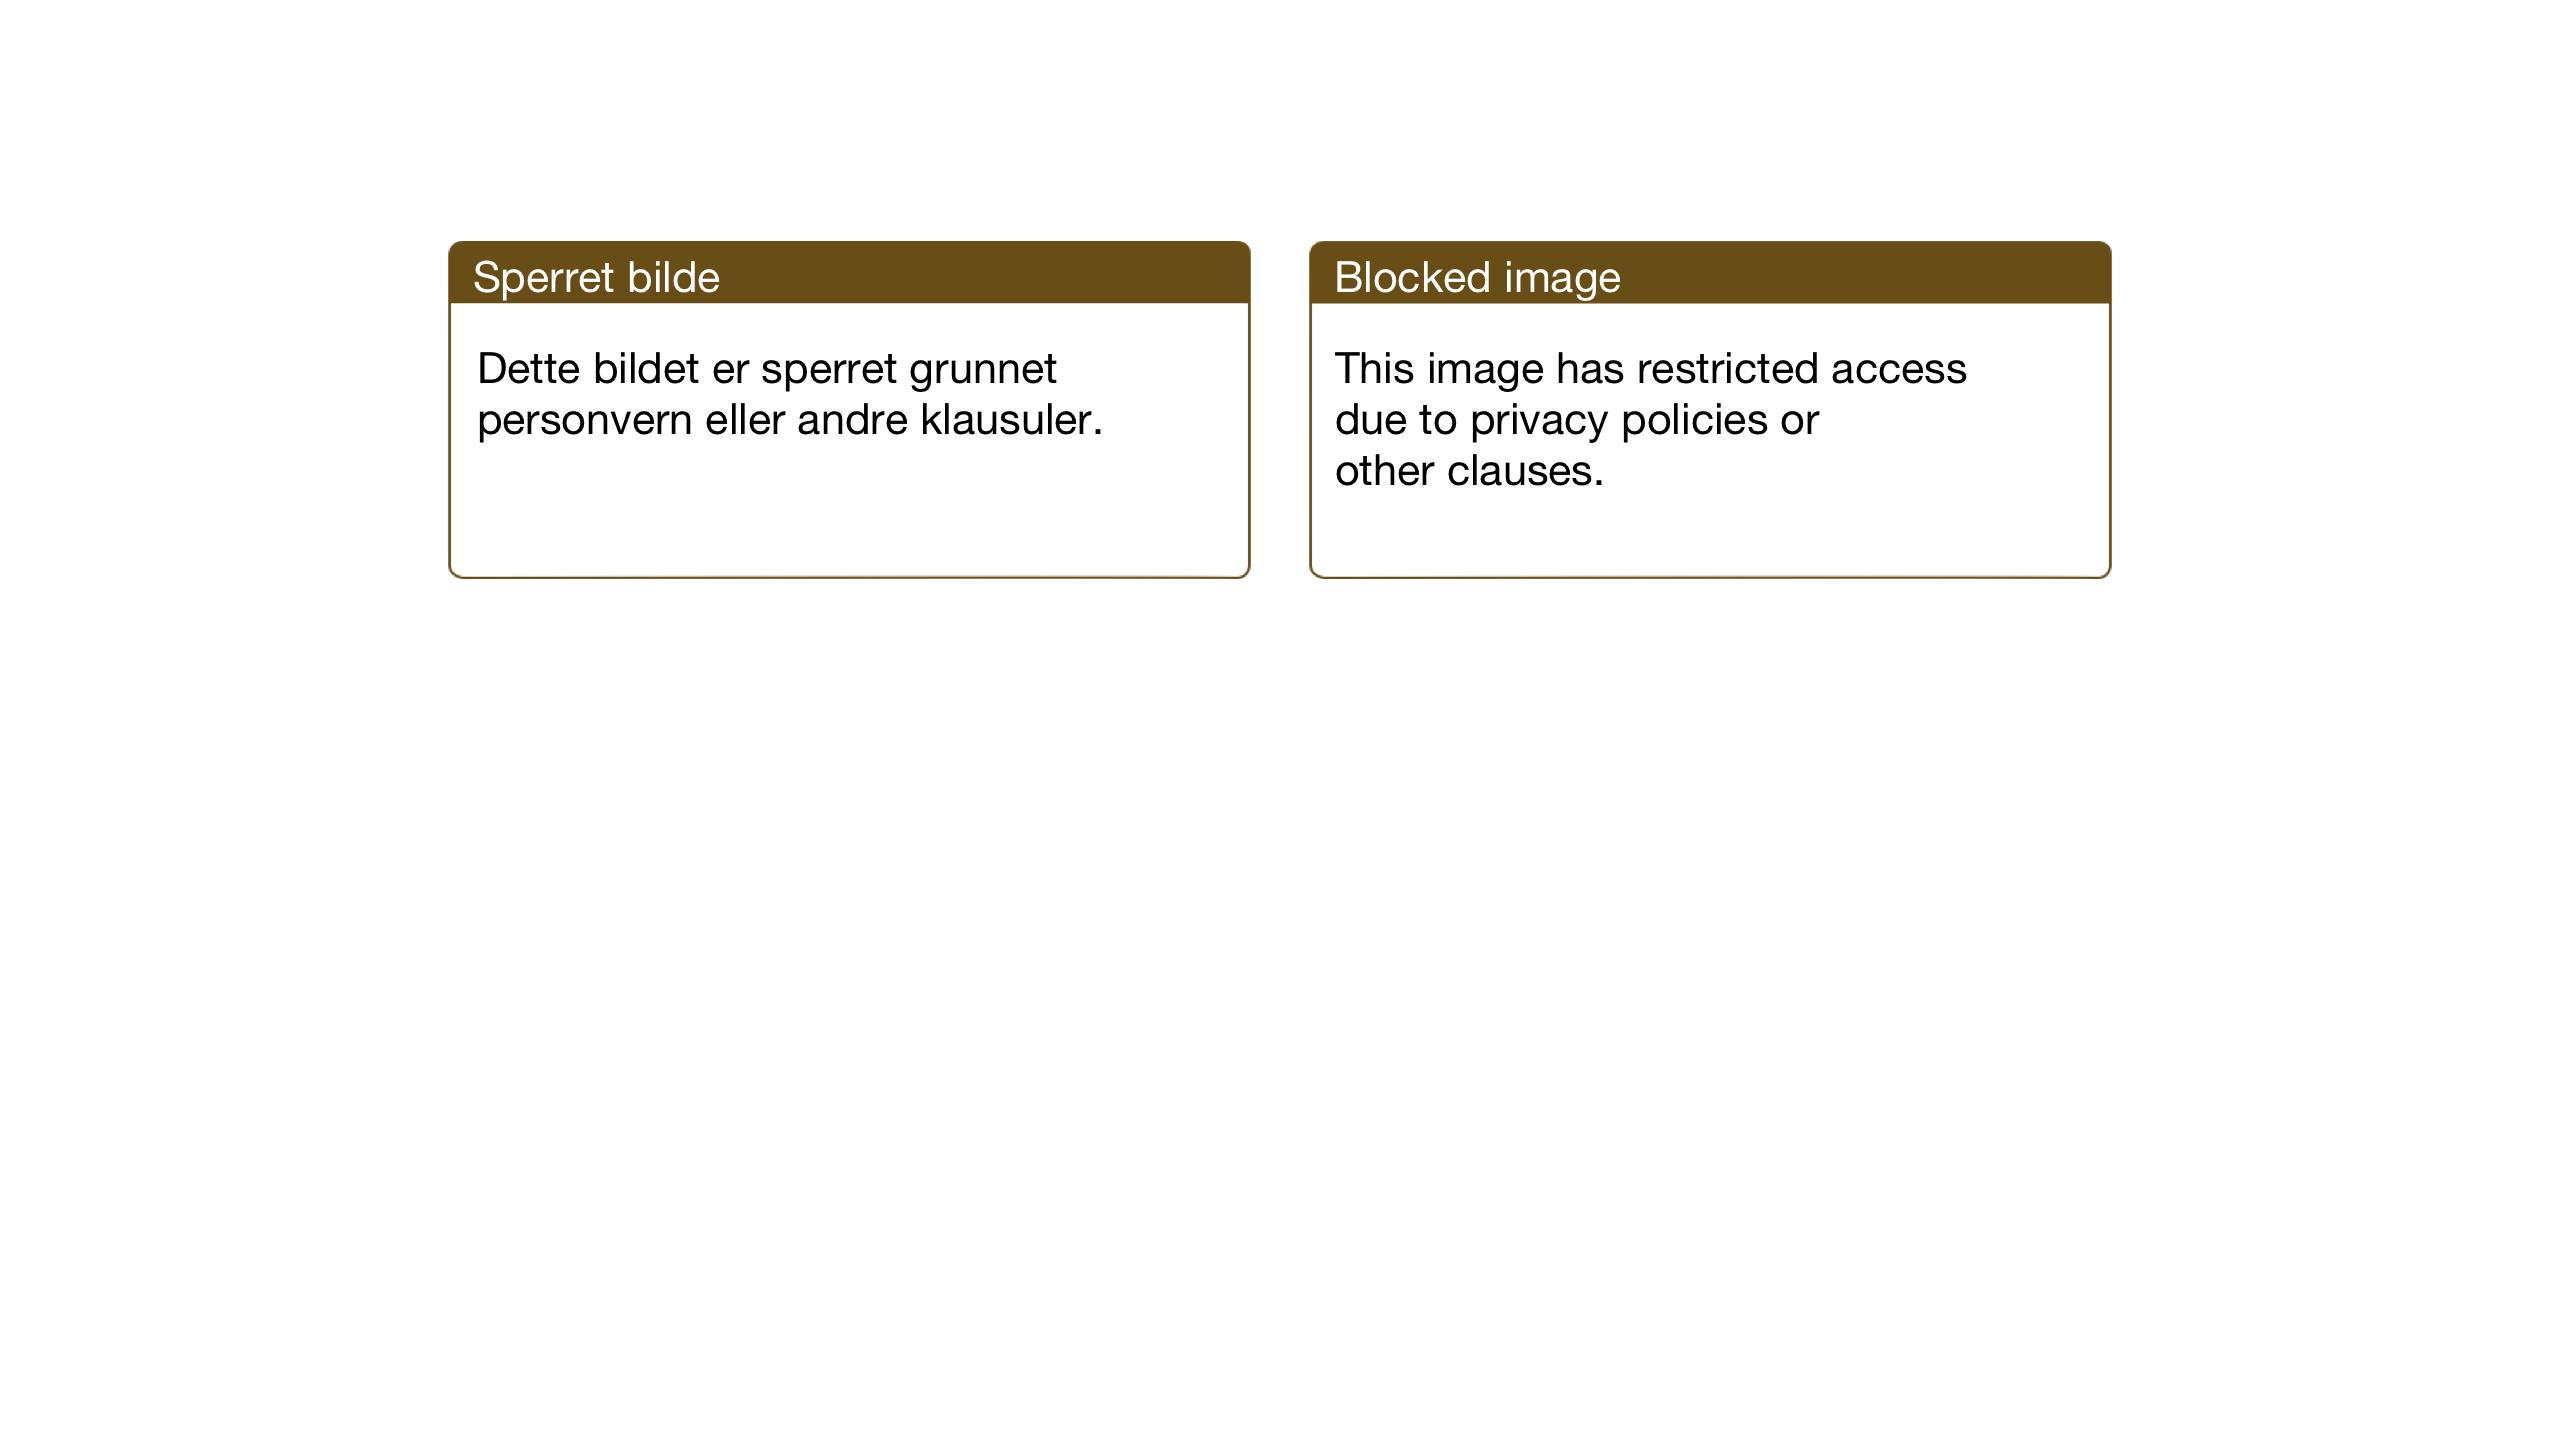 SAT, Ministerialprotokoller, klokkerbøker og fødselsregistre - Sør-Trøndelag, 616/L0424: Klokkerbok nr. 616C07, 1904-1940, s. 61